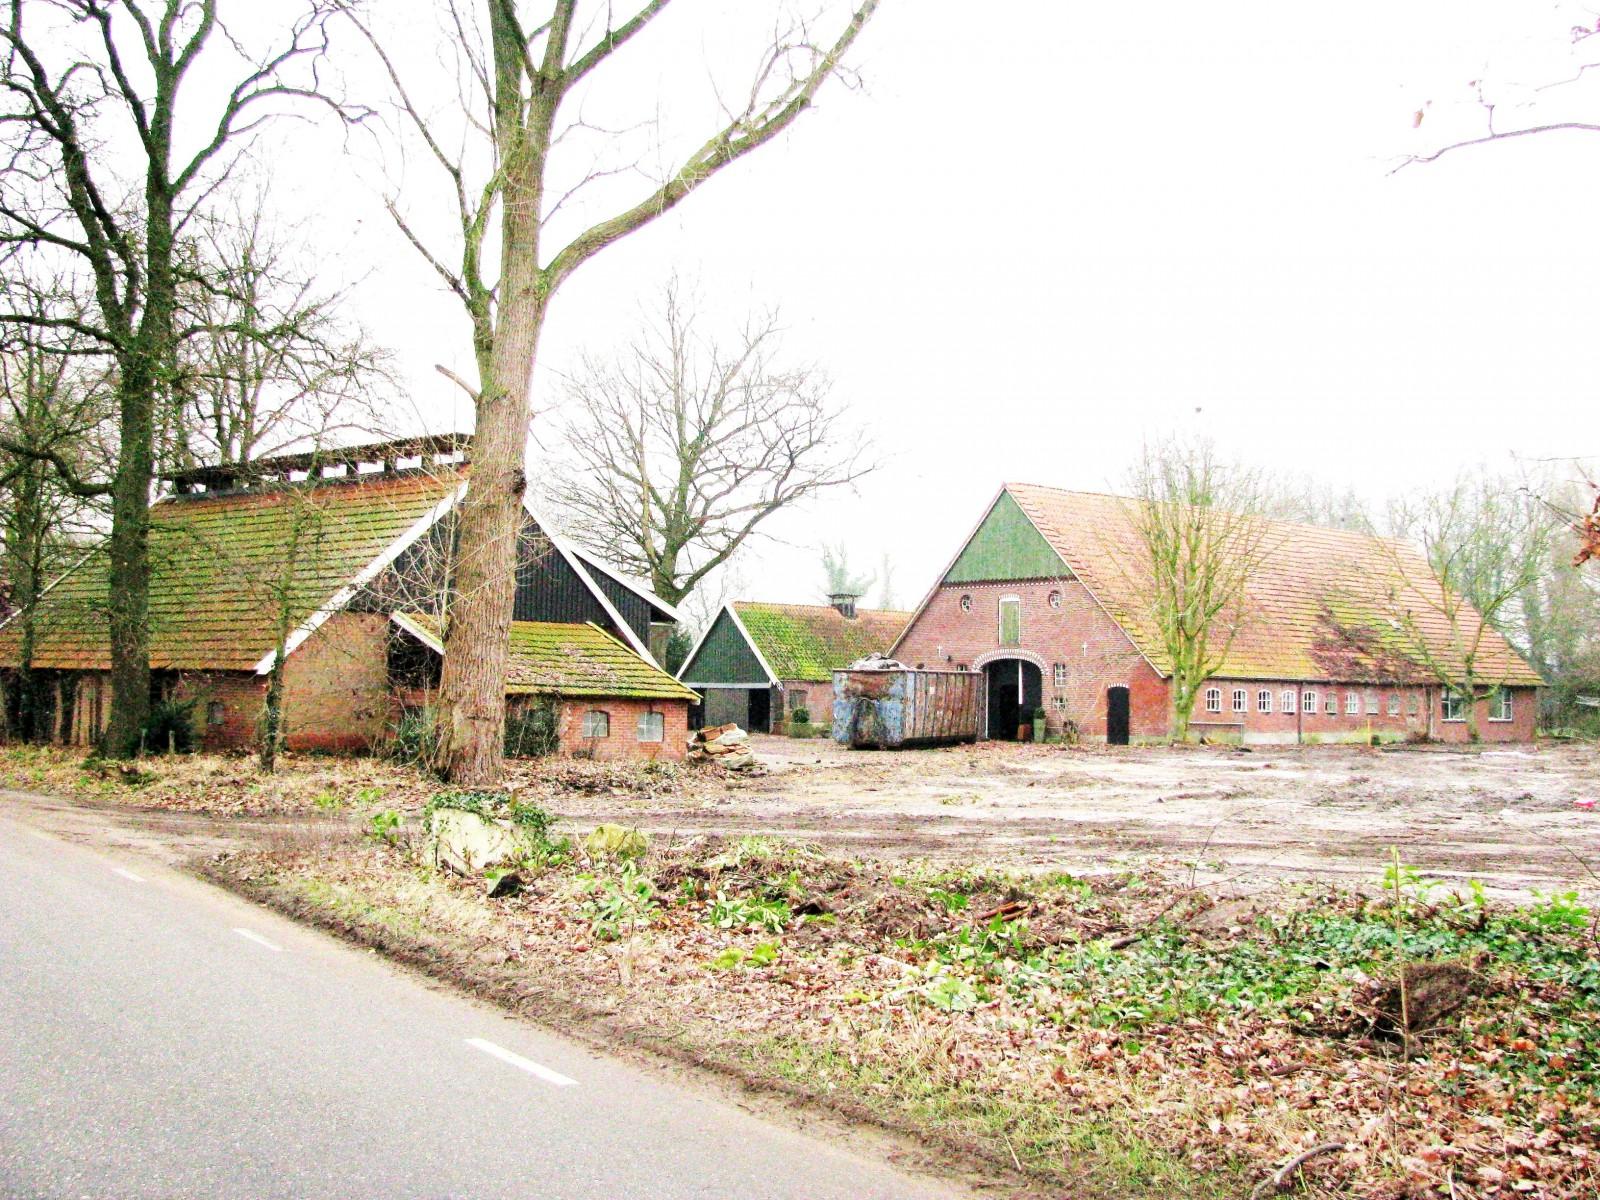 Tijscholte Lattrop 2016 boerderij